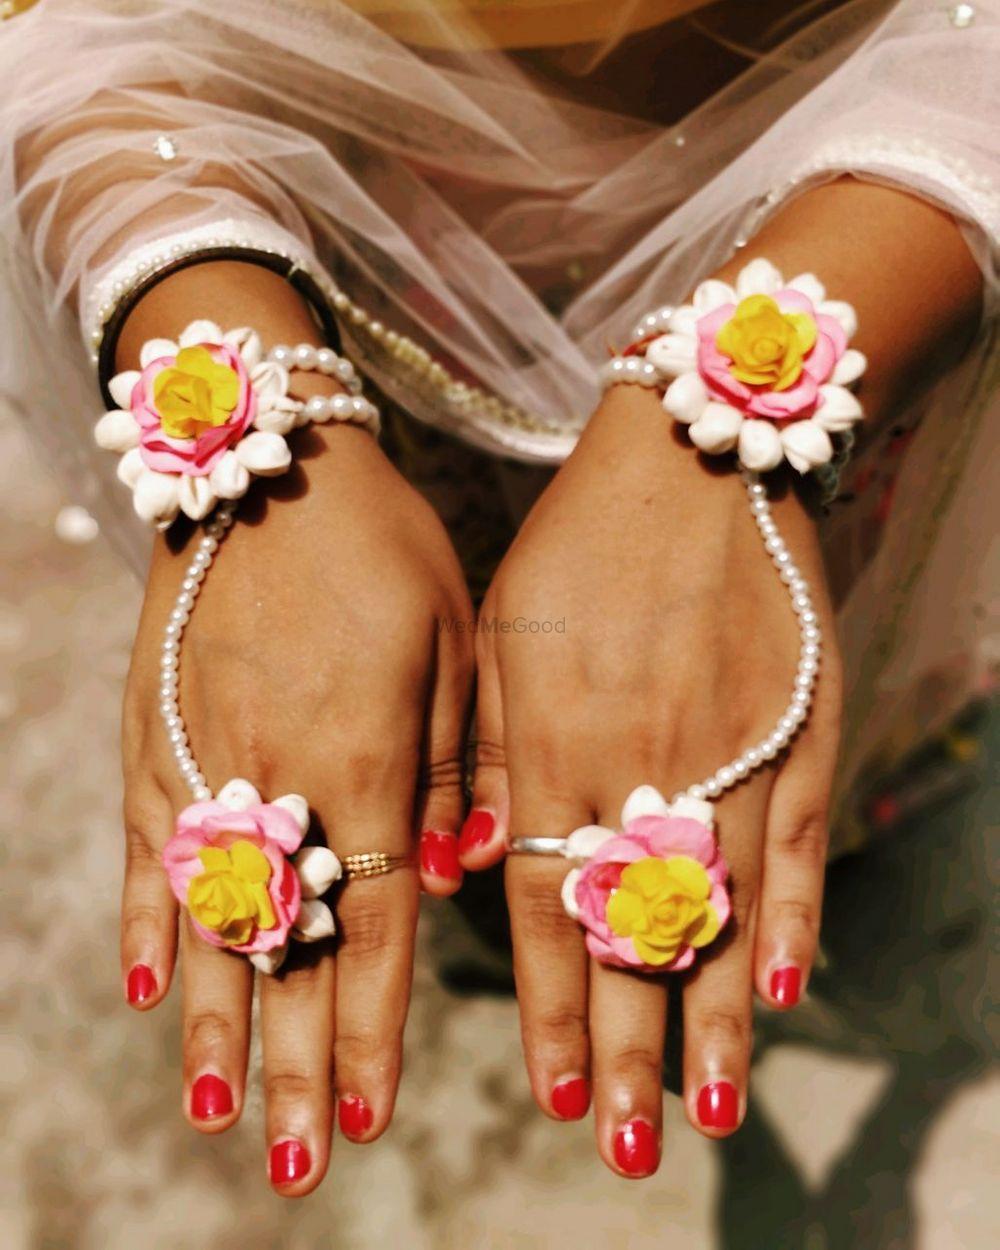 Photo By Fulkari  - Jewellery